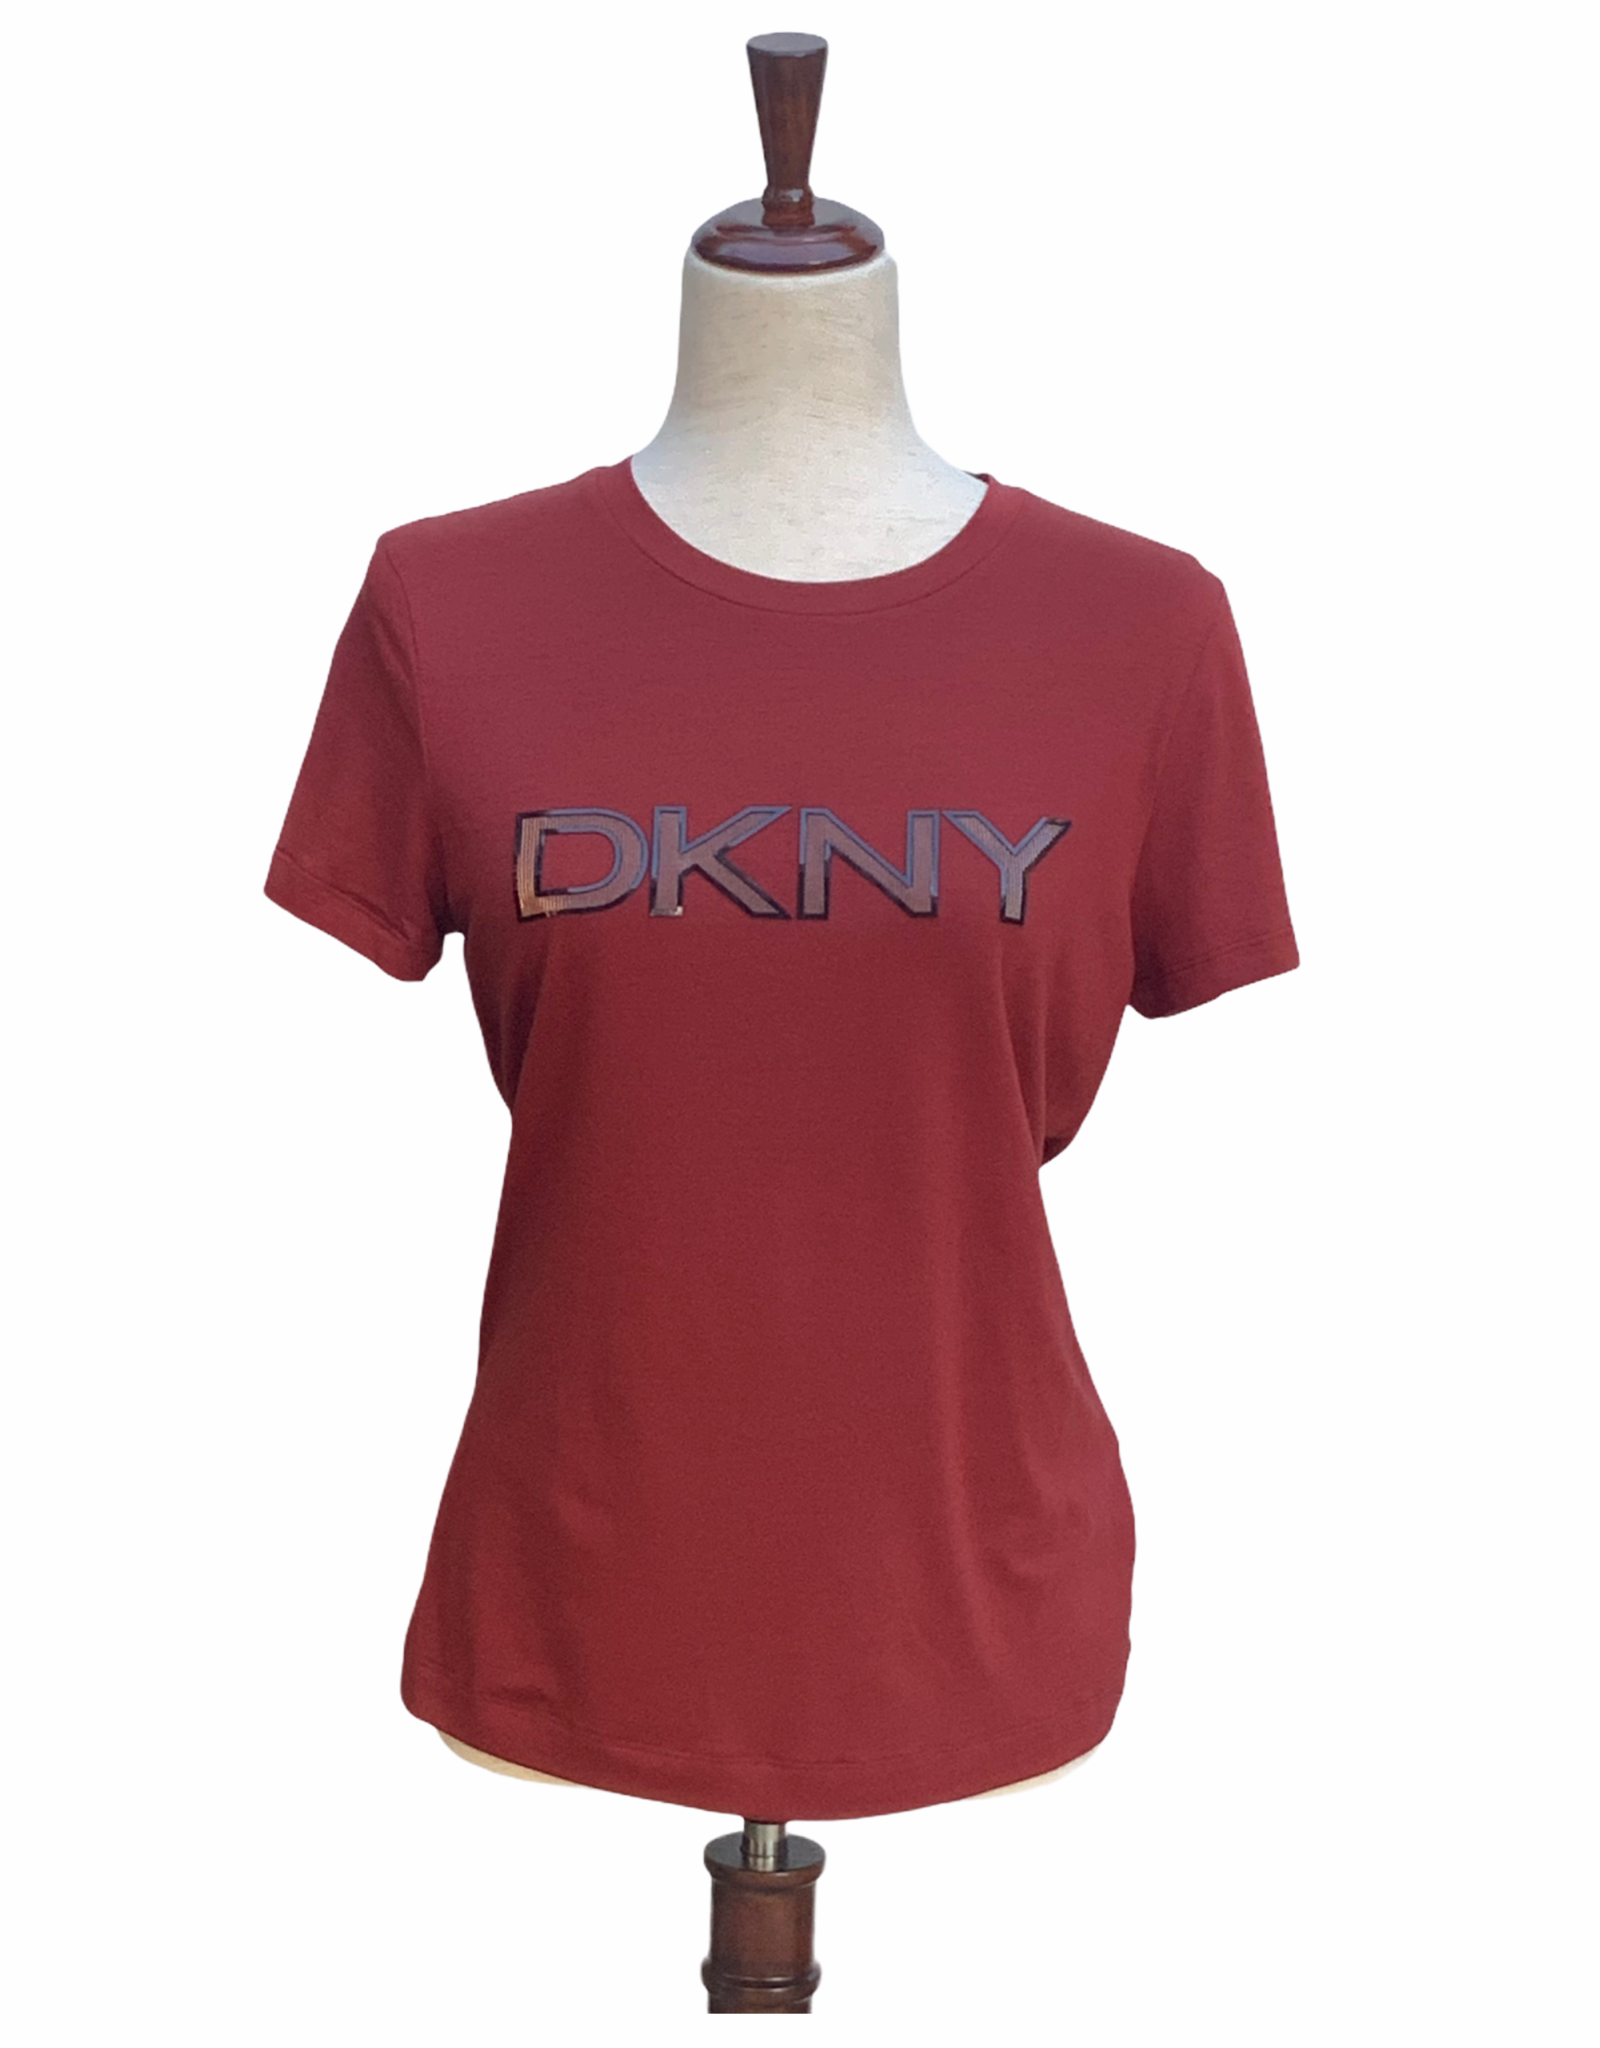 DKNY DKNY Tee Mesh-Logo